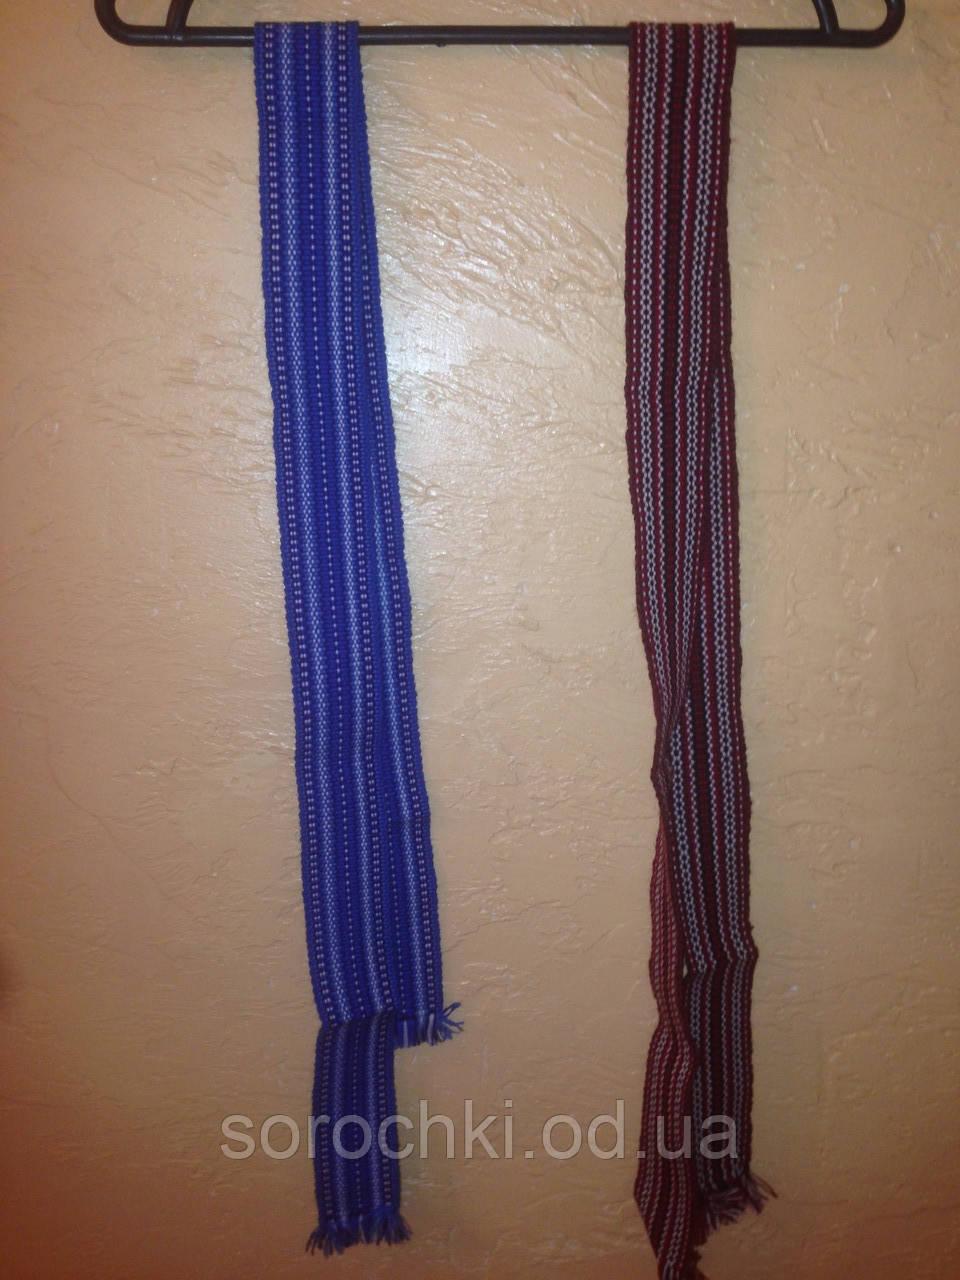 Кушак тканный бордовый синий